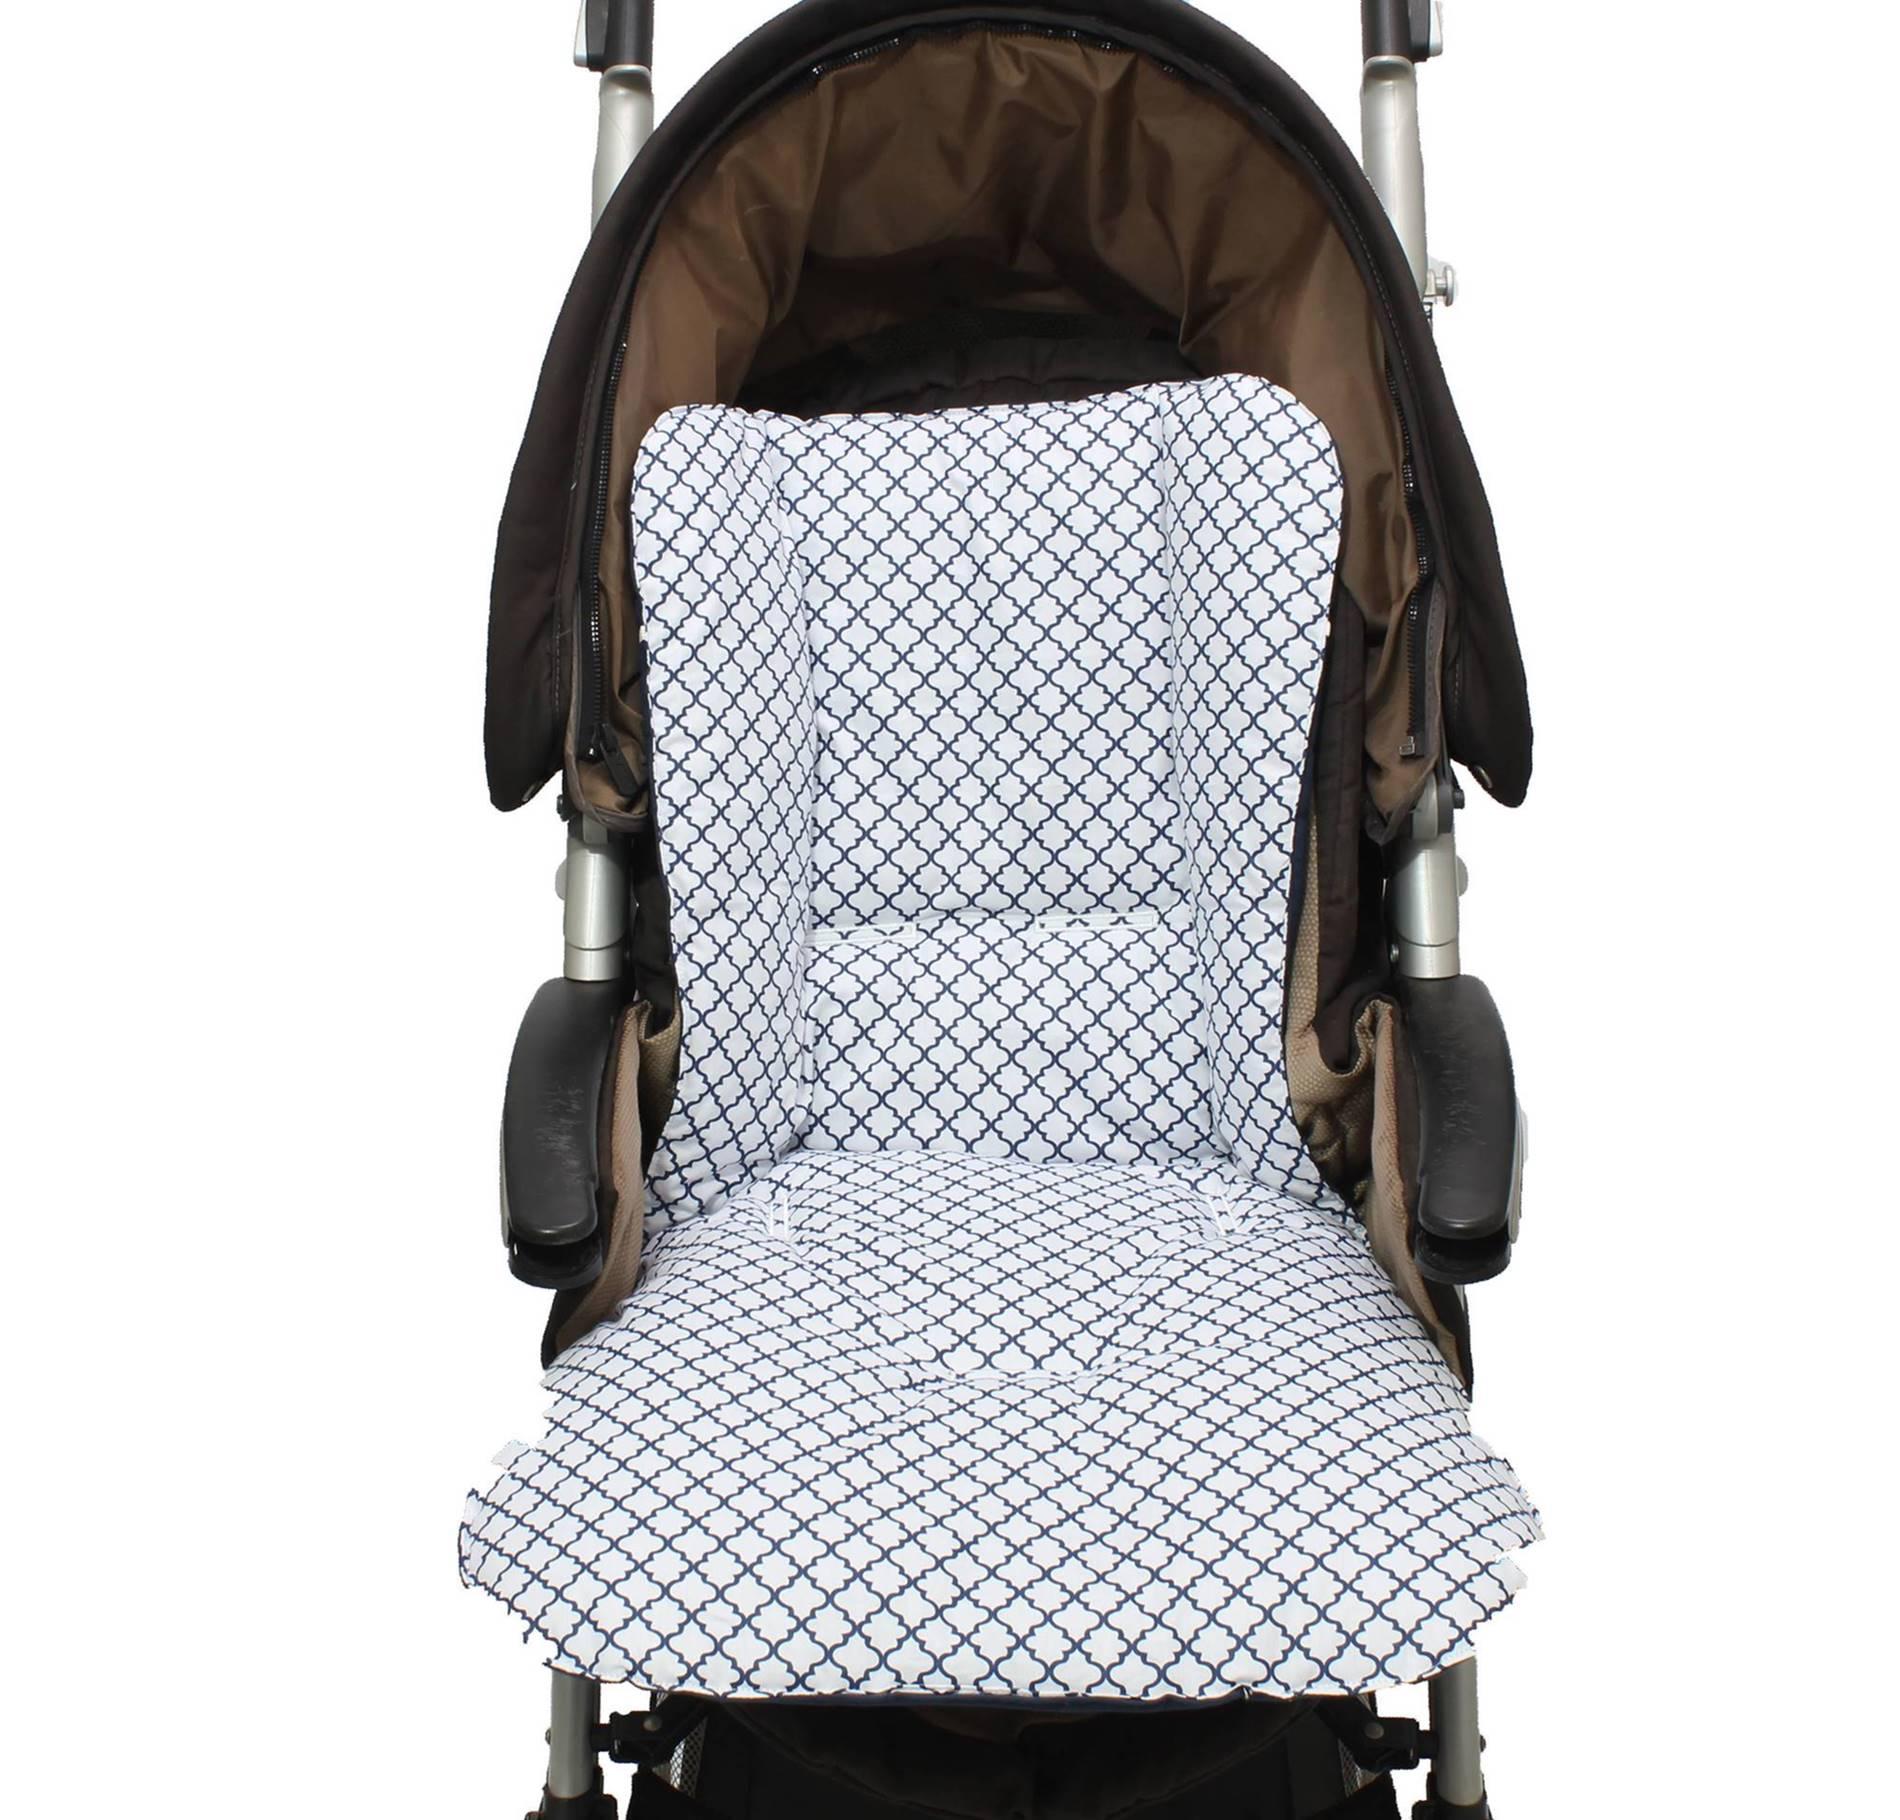 Capa de Carrinho Dupla Face Arabesco Marinho  - Toca do Bebê